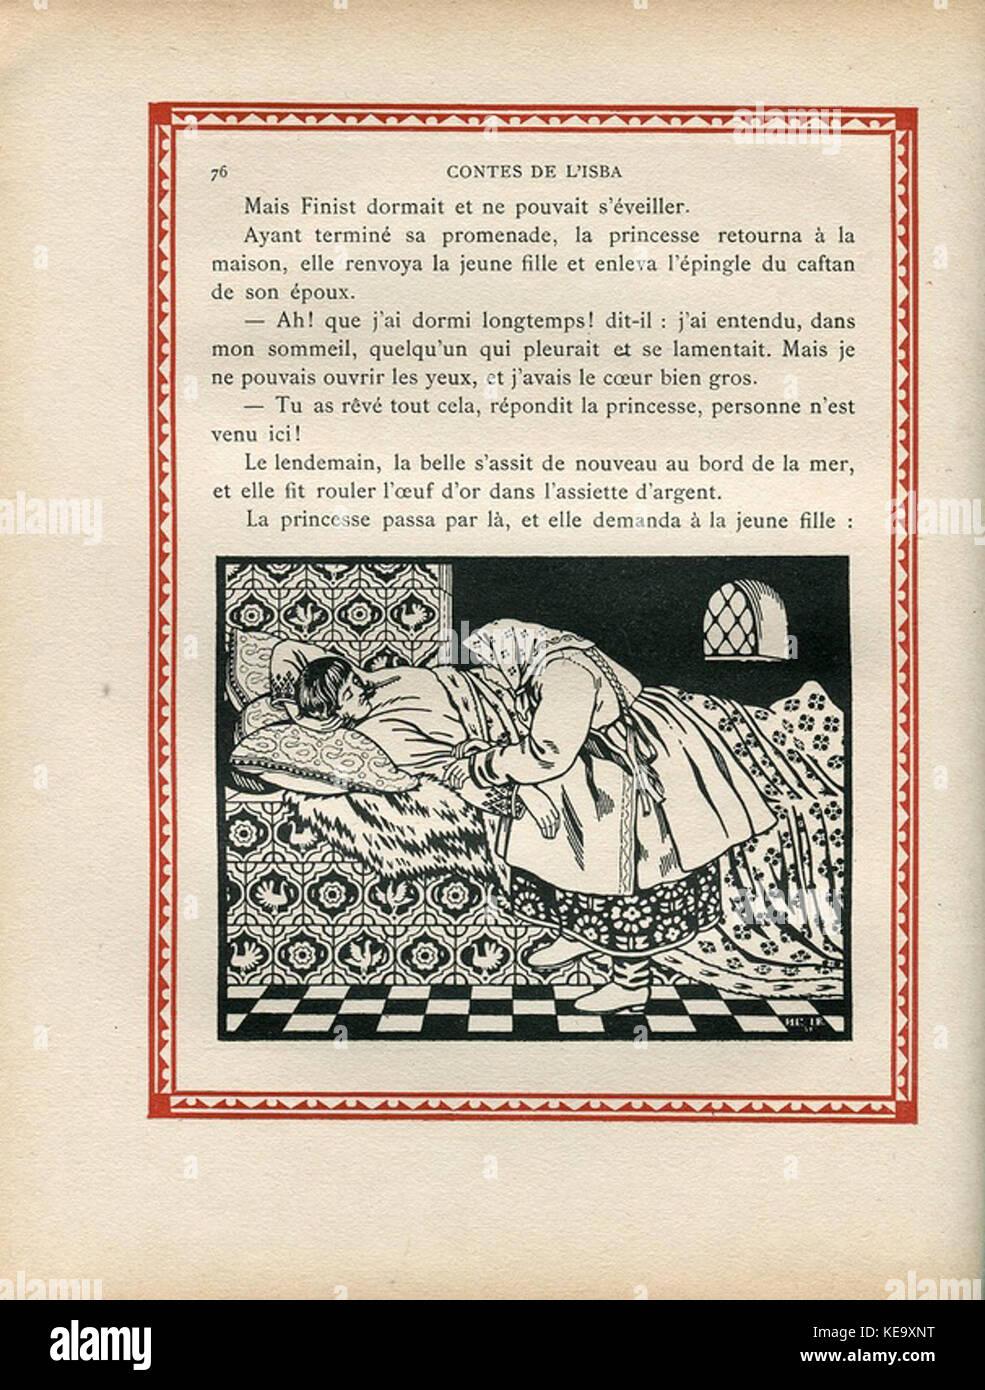 Contes de l'isba (1931)   Une plume de Finist le Beau Sokol 5 - Stock Image